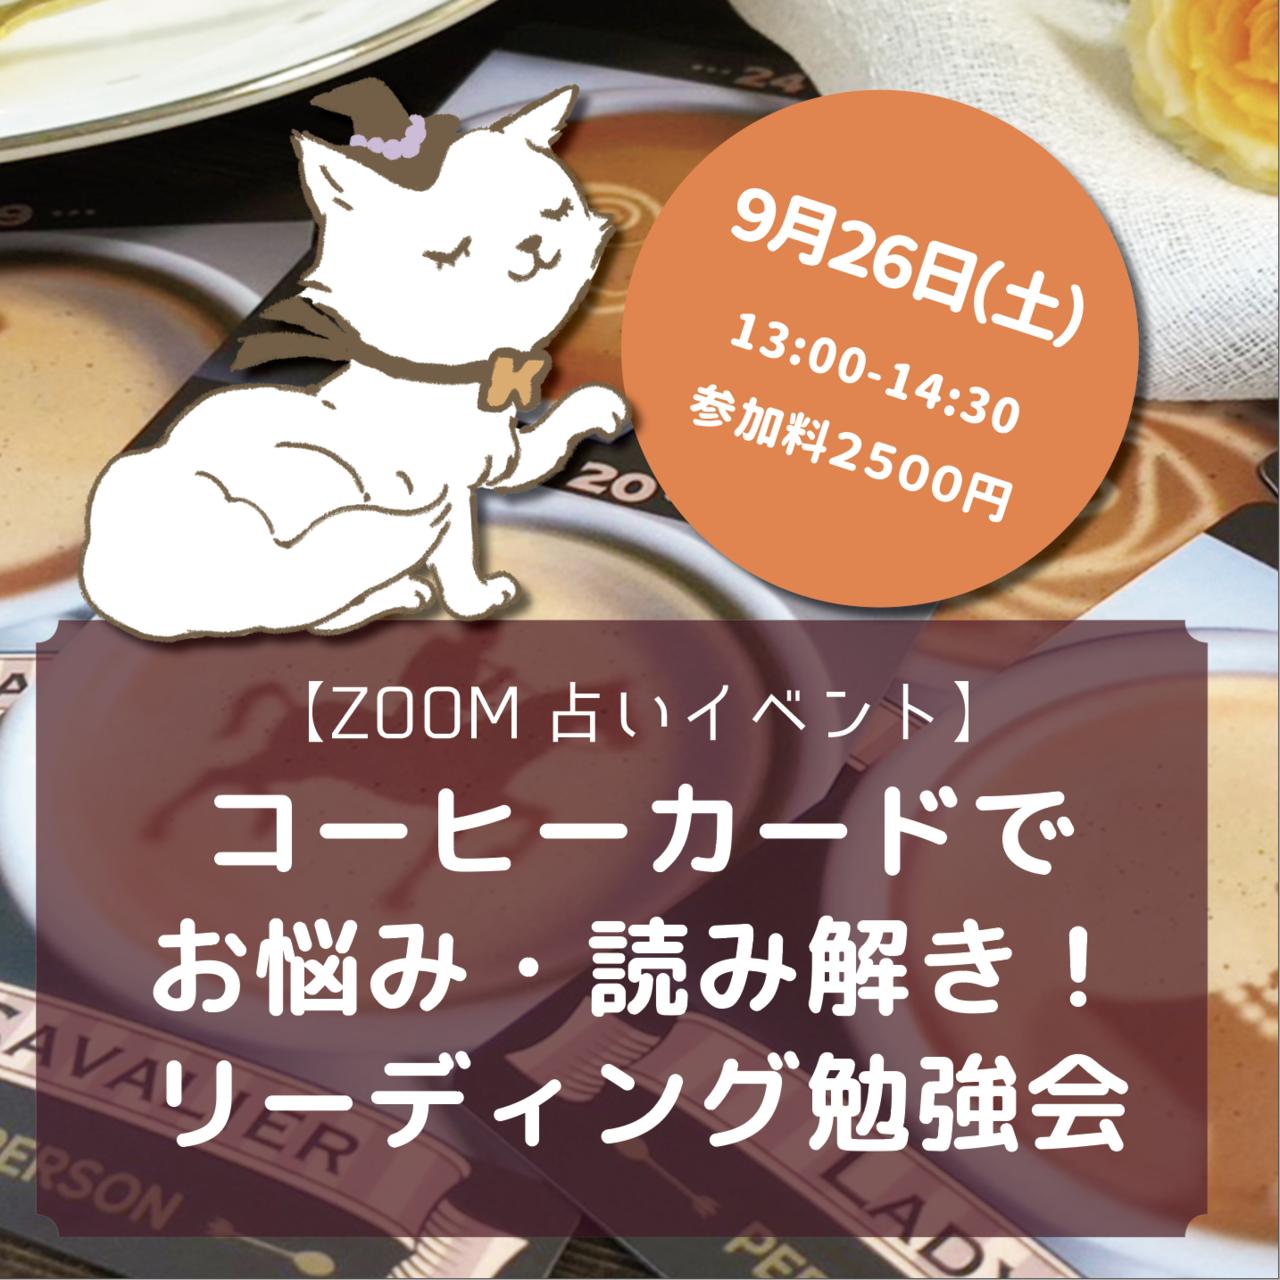 【ZOOM占いイベント】コーヒーカードでお悩み・読み解き! リーディング勉強会